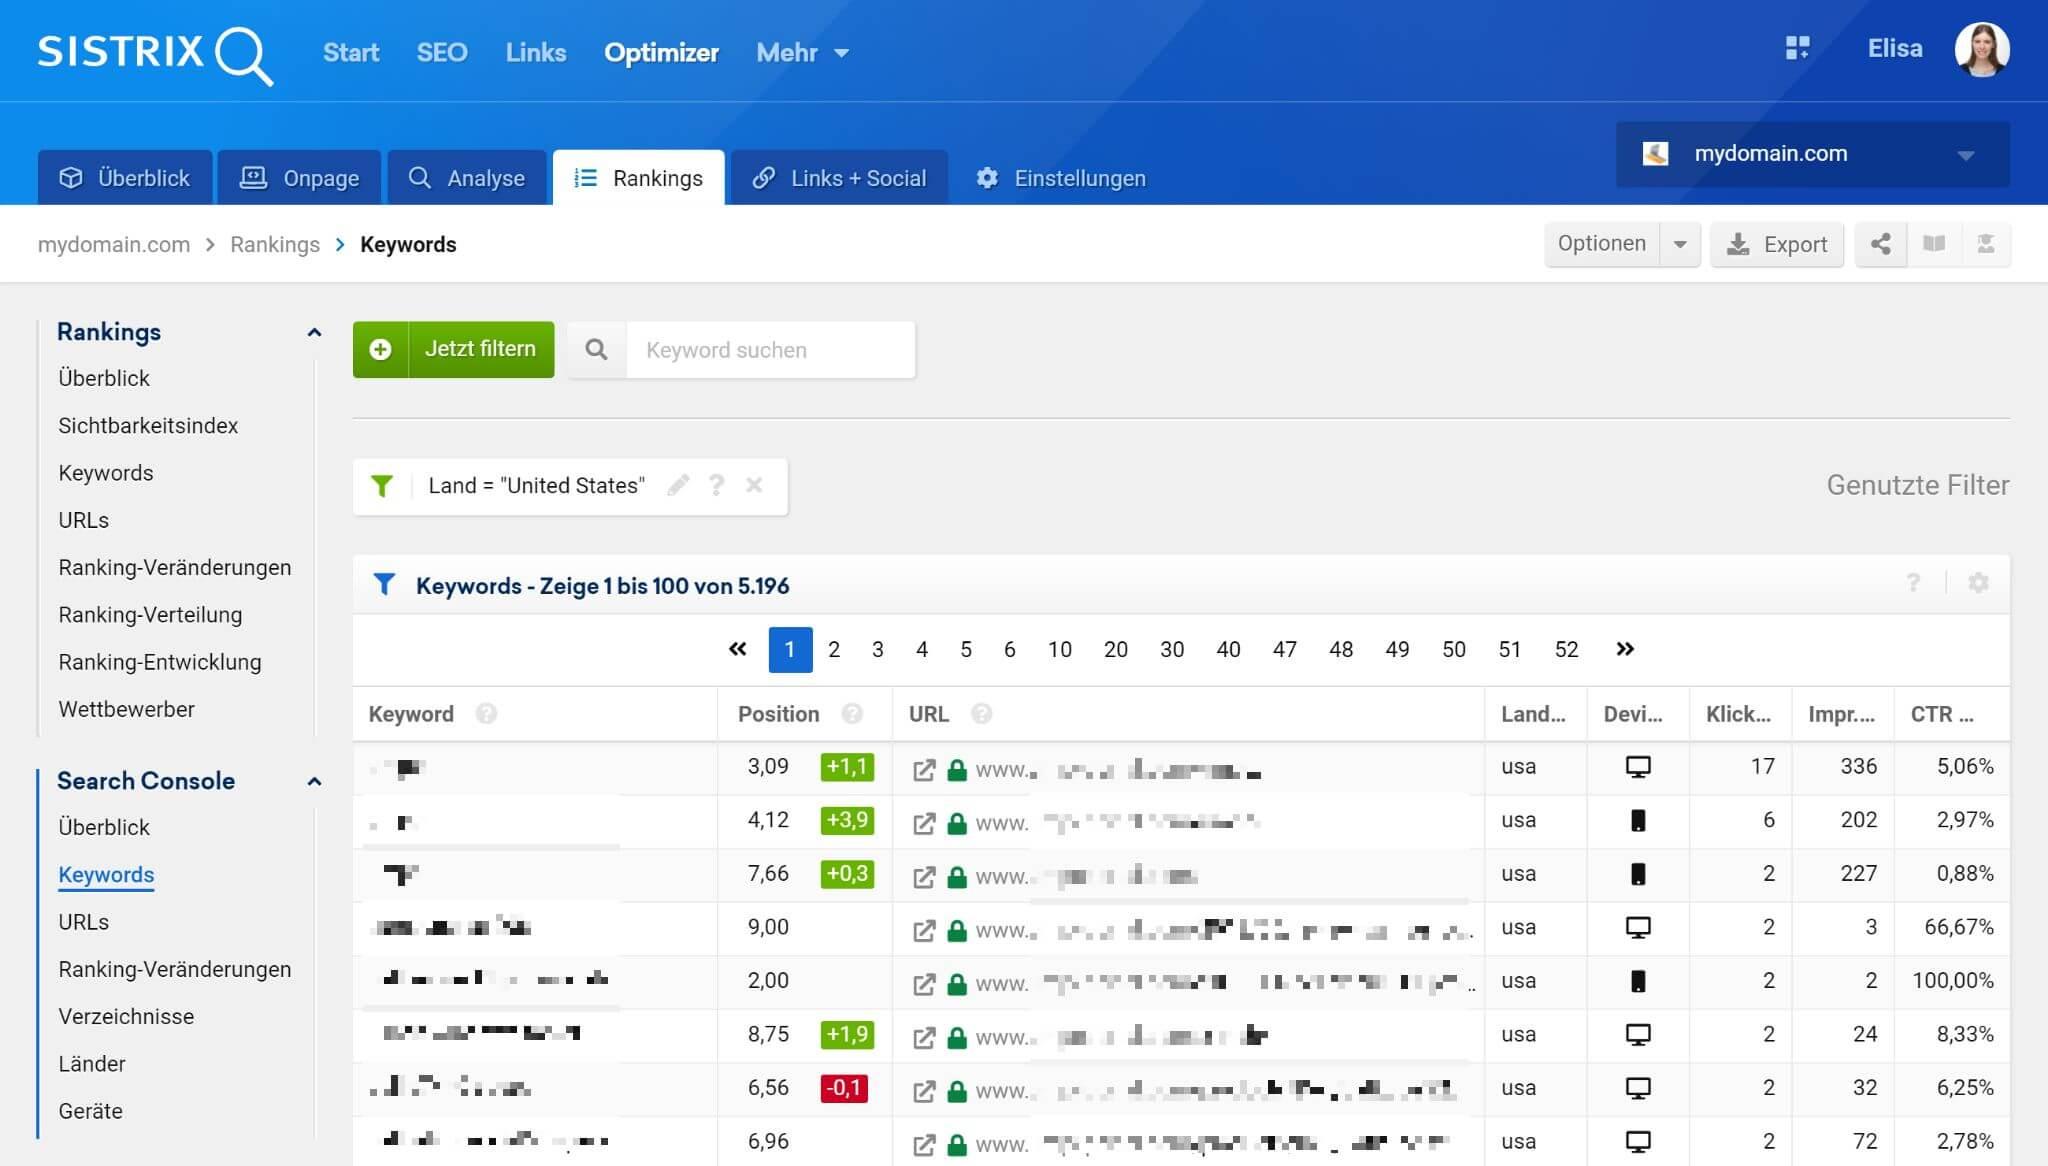 Der Abschnitt Keywords im Menü der Search Console des Optimizer-Projekts zeigt alle wichtigen Daten an einer Stelle an.